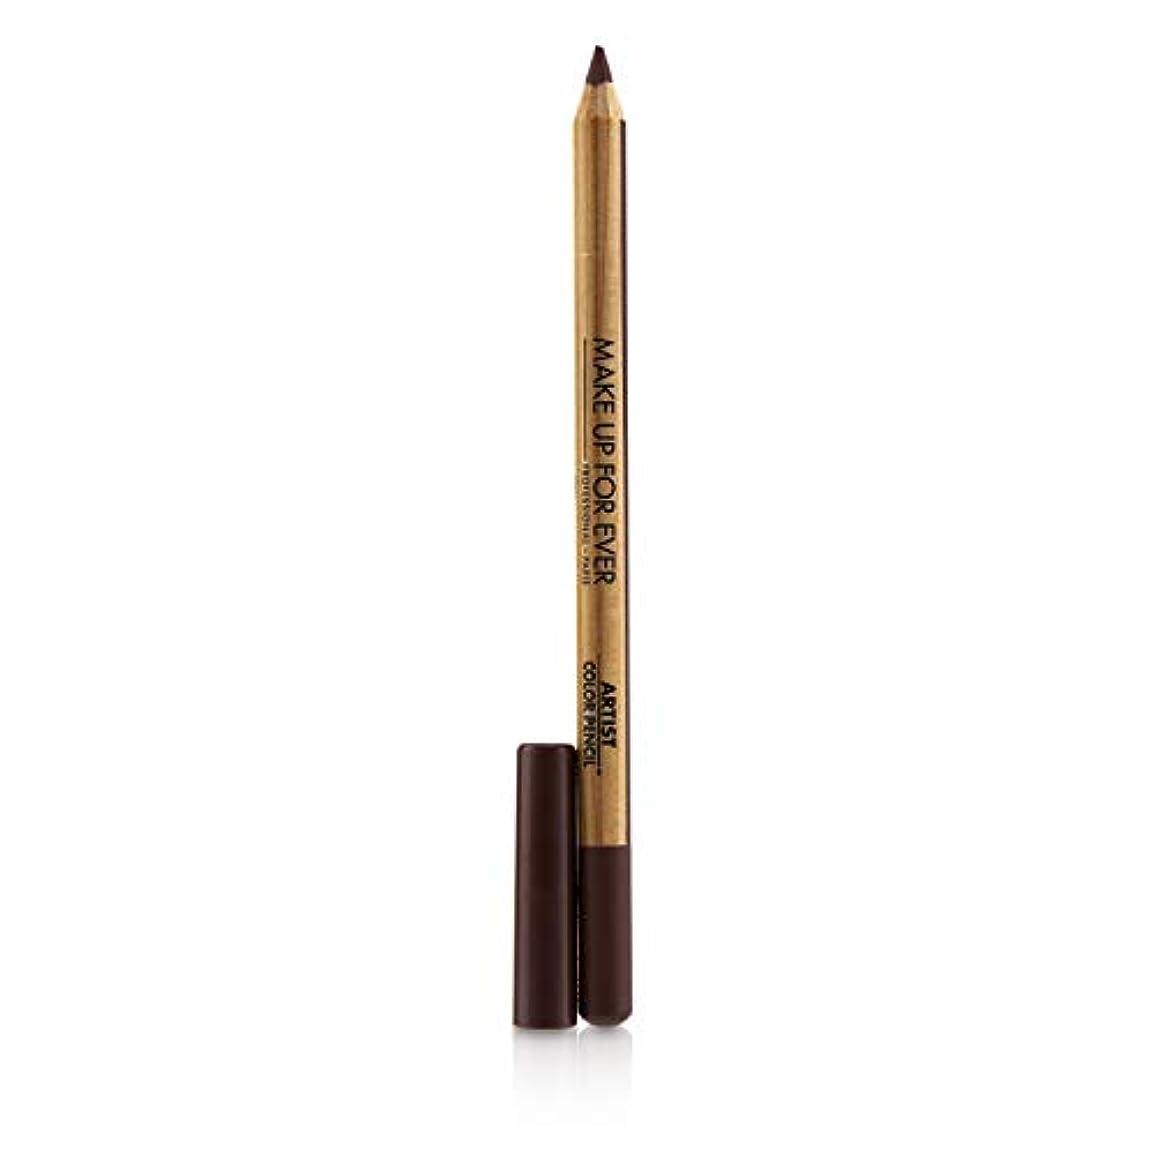 順応性しおれたファッションメイクアップフォーエバー Artist Color Pencil - # 708 Universal Earth 1.41g/0.04oz並行輸入品